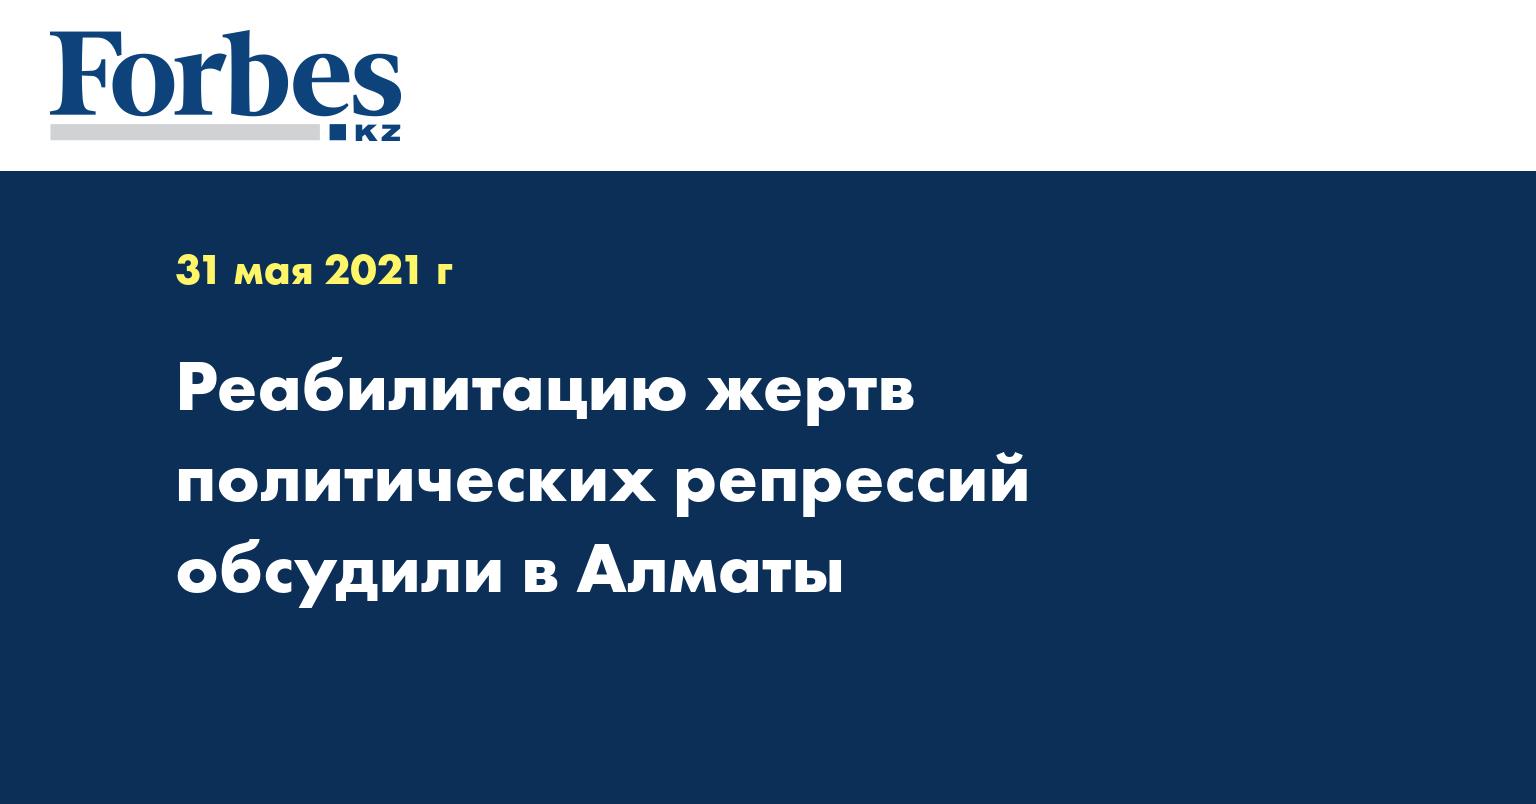 Реабилитацию жертв политических репрессий обсудили в Алматы